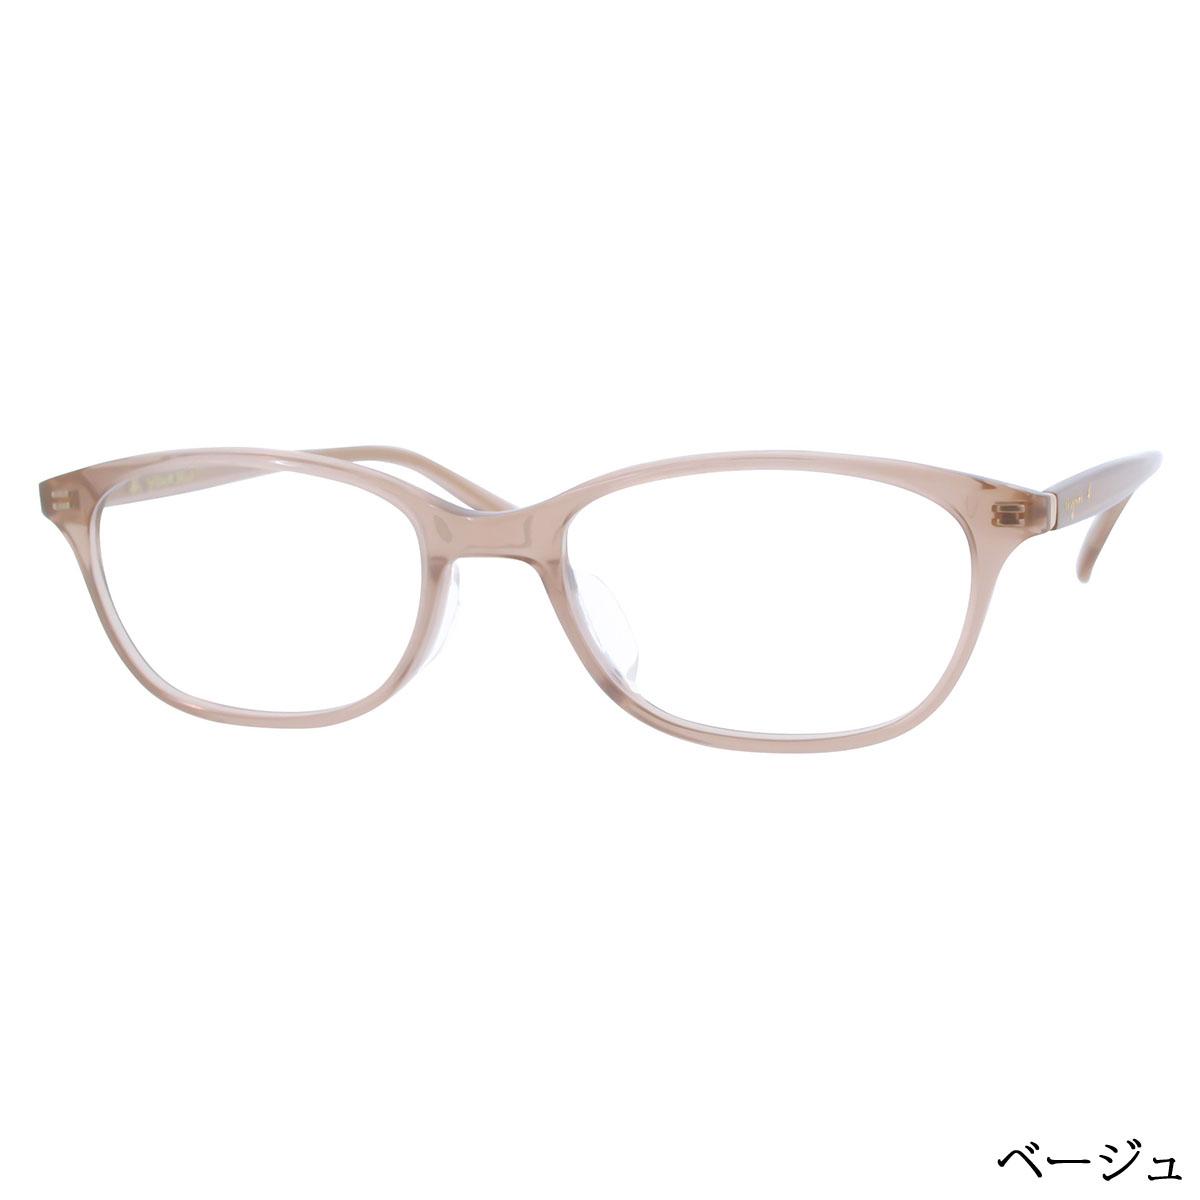 agnes b. 50-0014 レディース/メガネ/めがね/眼鏡/度付きメガネ/度入り/伊達メガネ